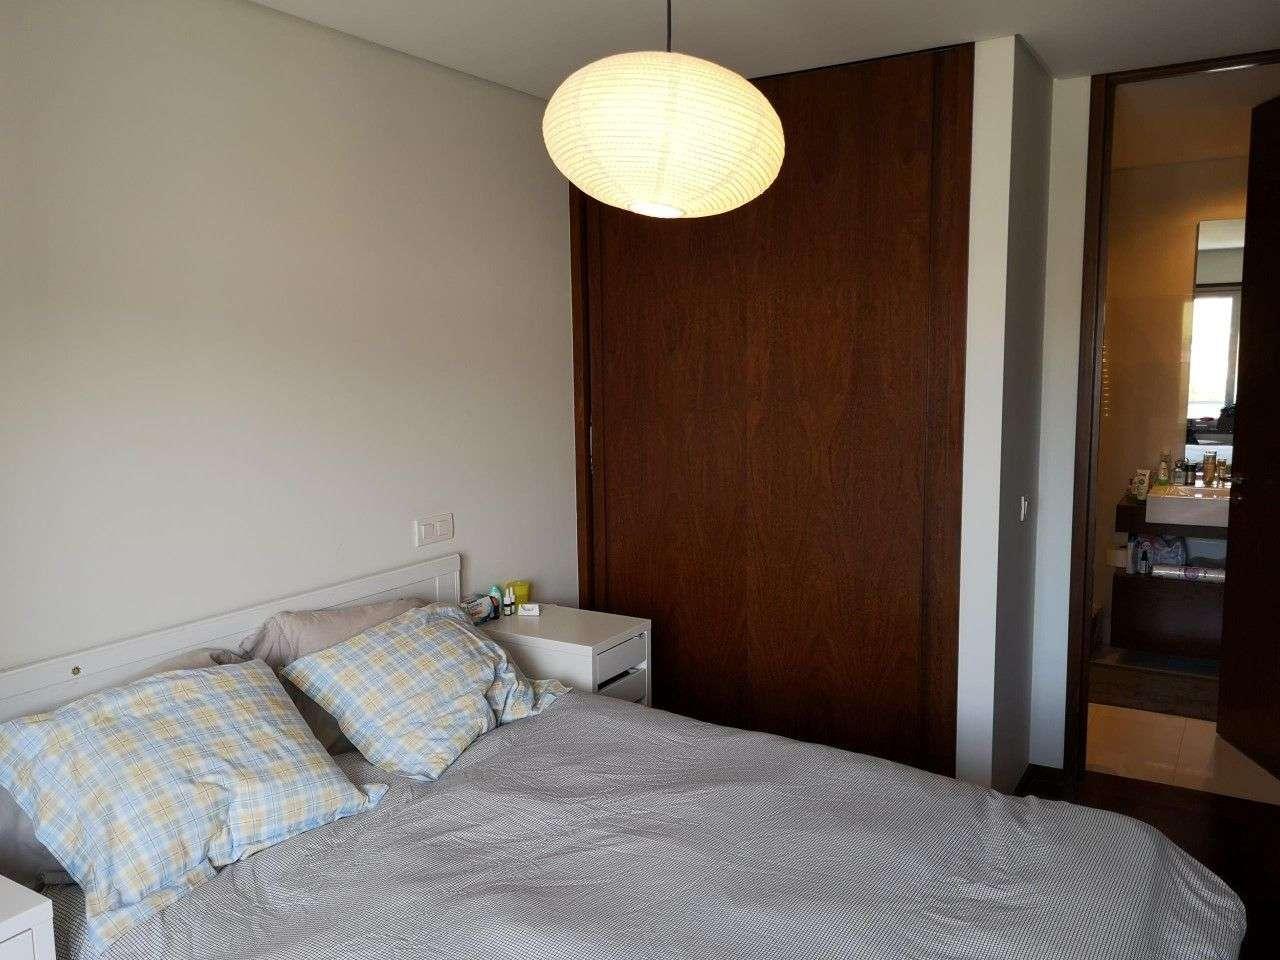 Apartamento para comprar, Rua Instituto de Cegos S Manuel, Cedofeita, Santo Ildefonso, Sé, Miragaia, São Nicolau e Vitória - Foto 8